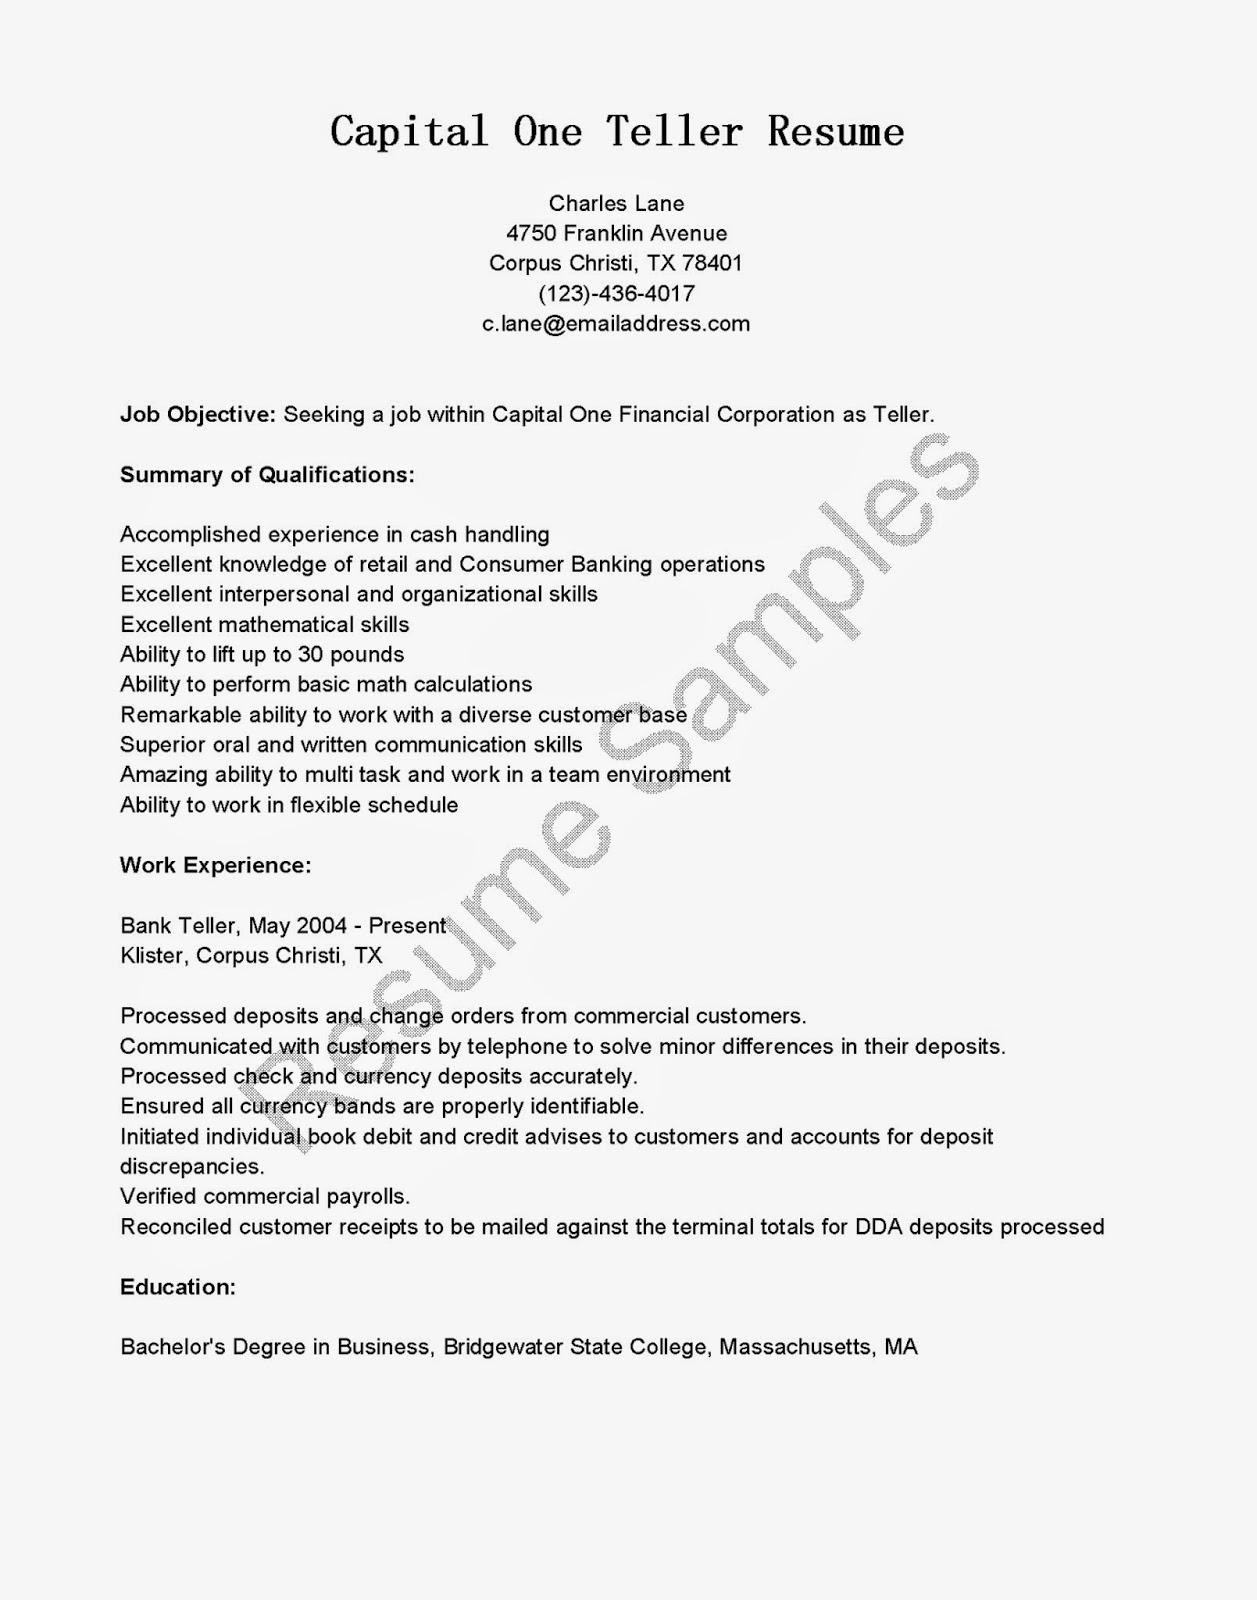 resume samples  capital one teller resume sample